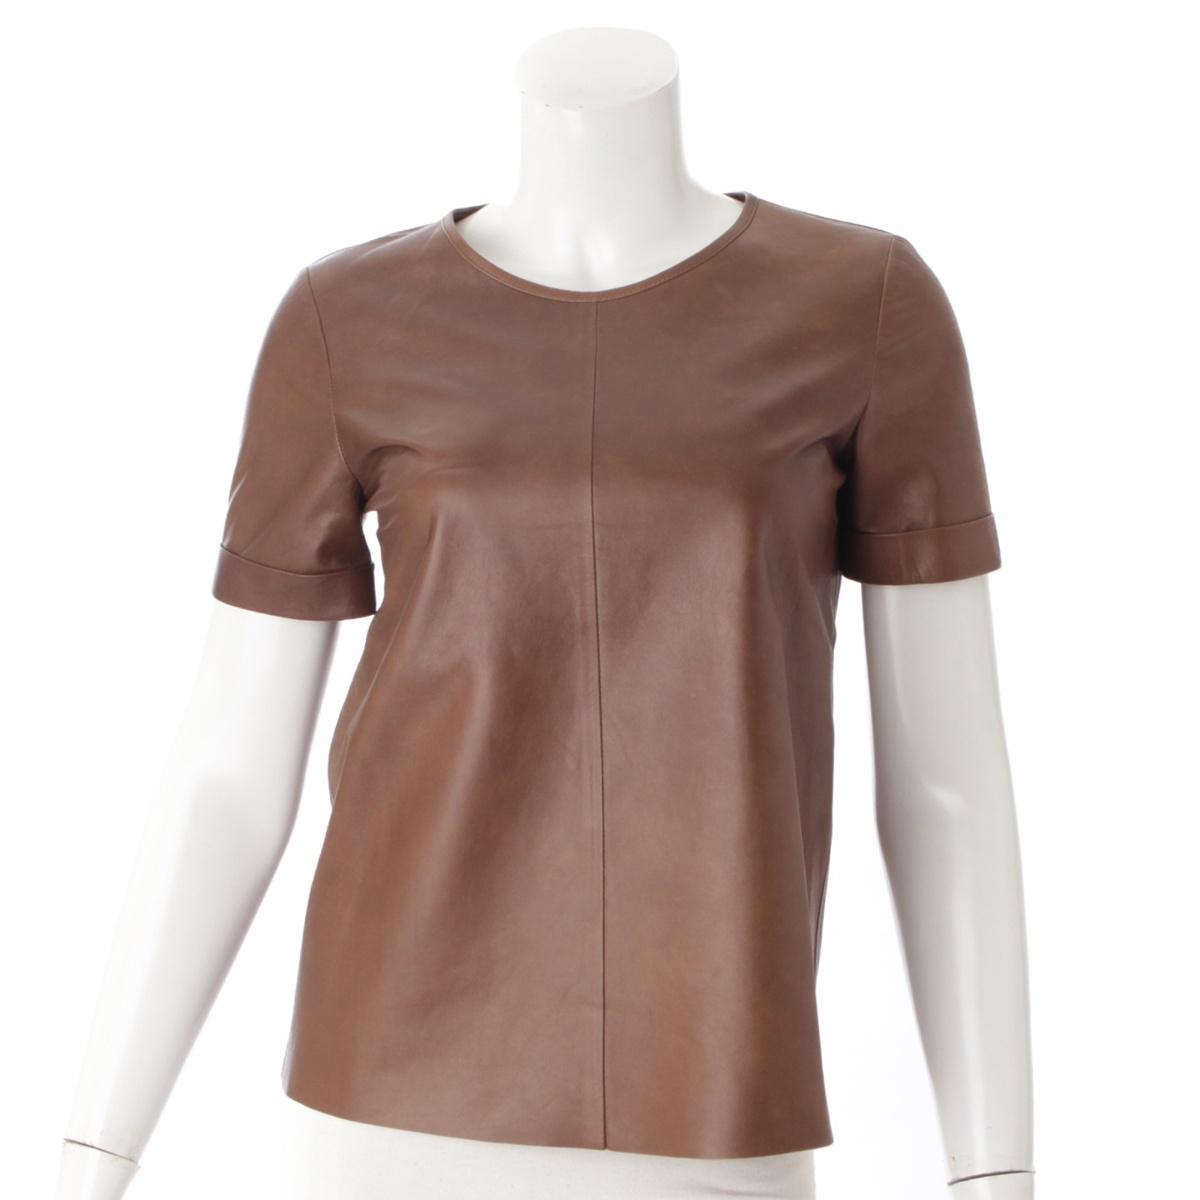 【グッチ】Gucci レザー 半袖 Tシャツ カットソー ブラウン 38 【中古】【鑑定済・正規品保証】55242